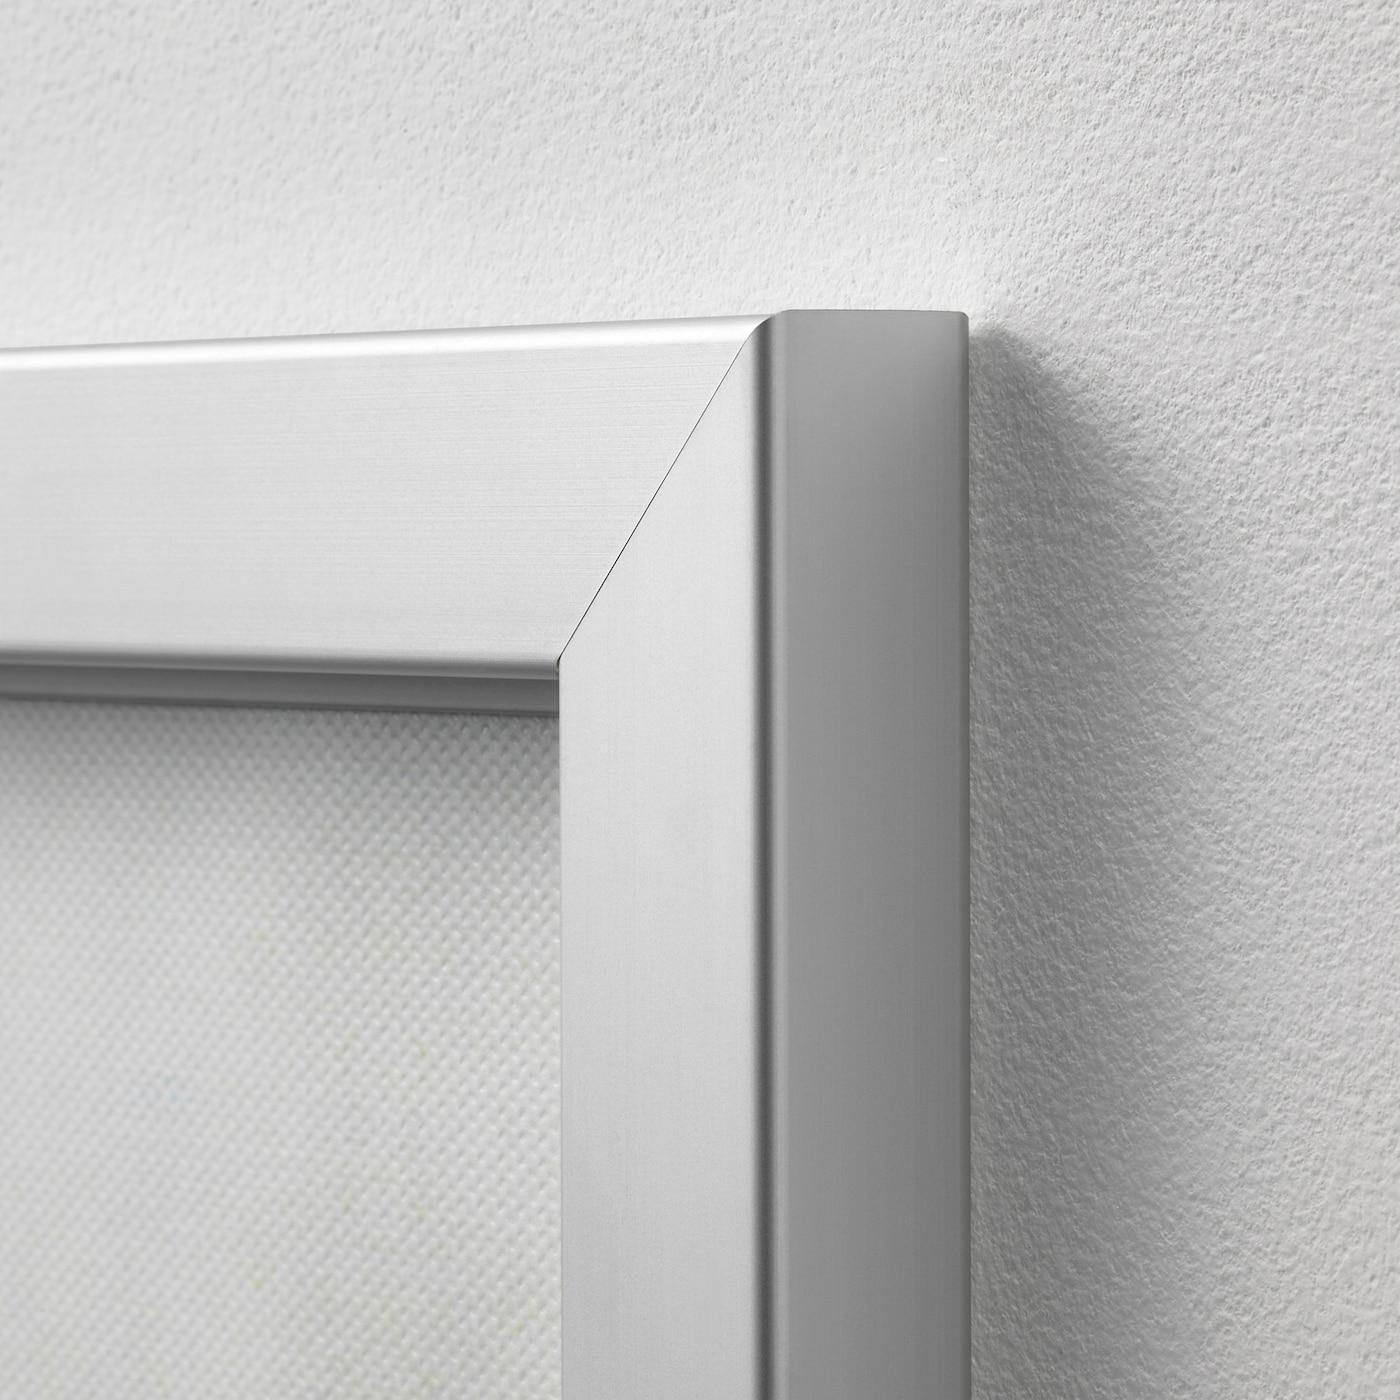 BJÖRKSTA Tablou/ramă, junglă/aluminiu, 140x100 cm